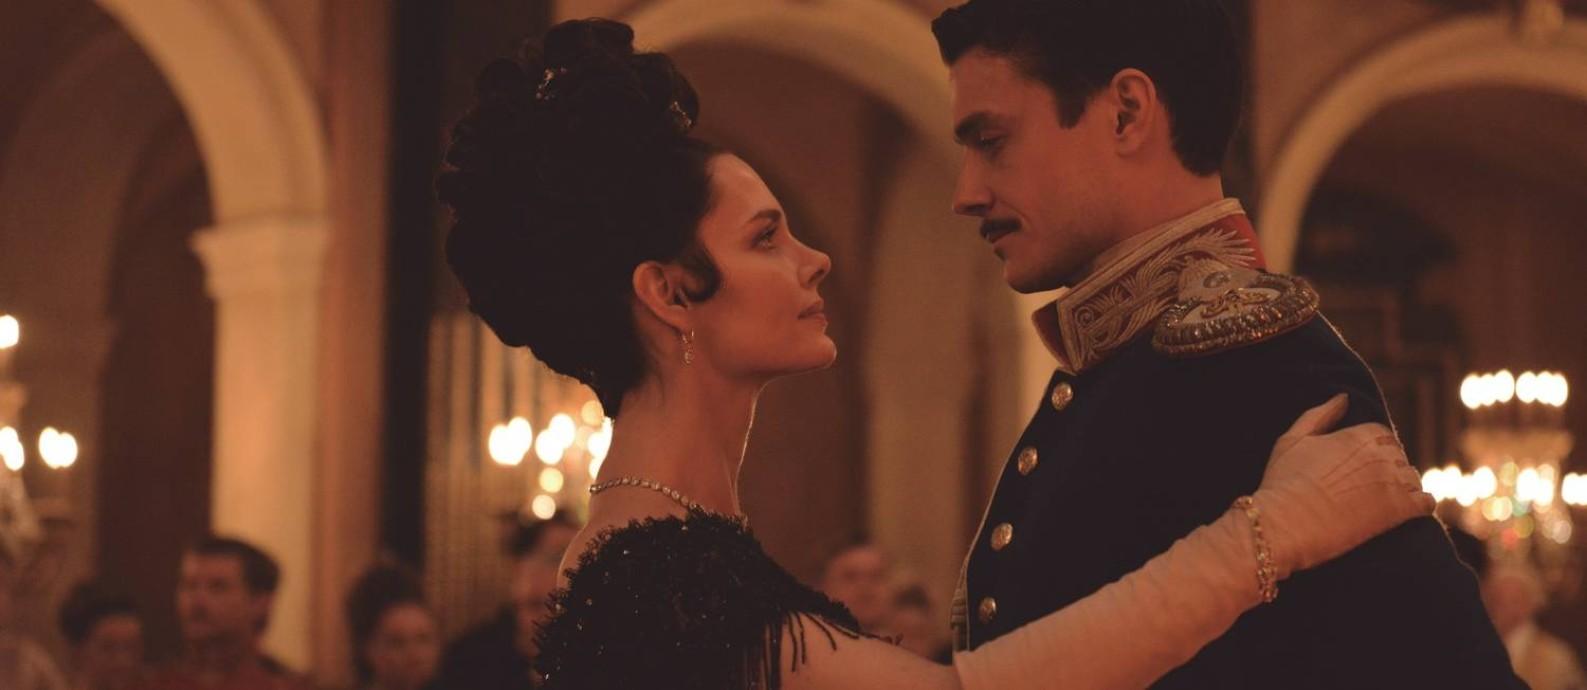 Cena do filme 'Anna Karenina: A história de Vronsky', de Karen Shakhnazarov Foto: Divulgação